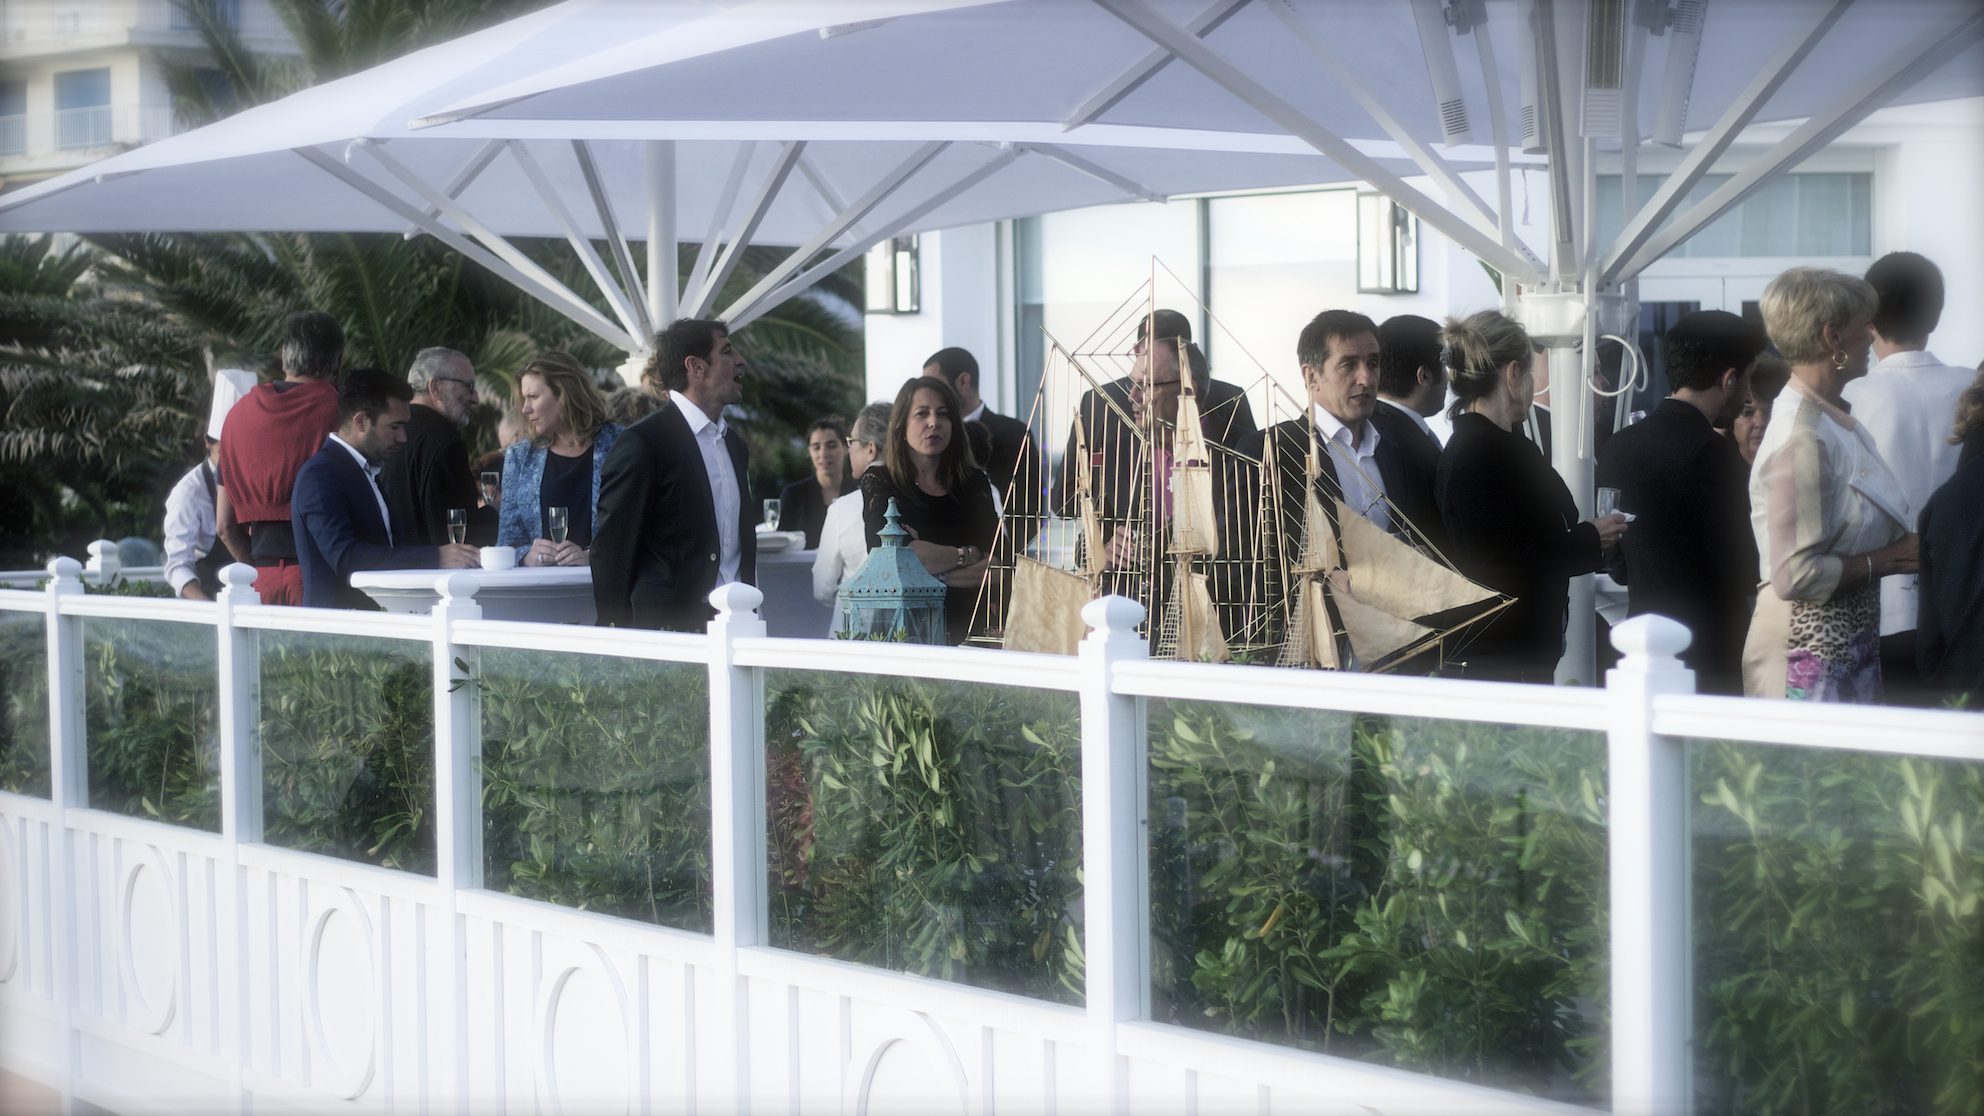 INAUGURATION-GRAND-HOTEL-saint-jean-de-luz-agence-evenementielle-pays-basque-le-cercle-evenements- 256